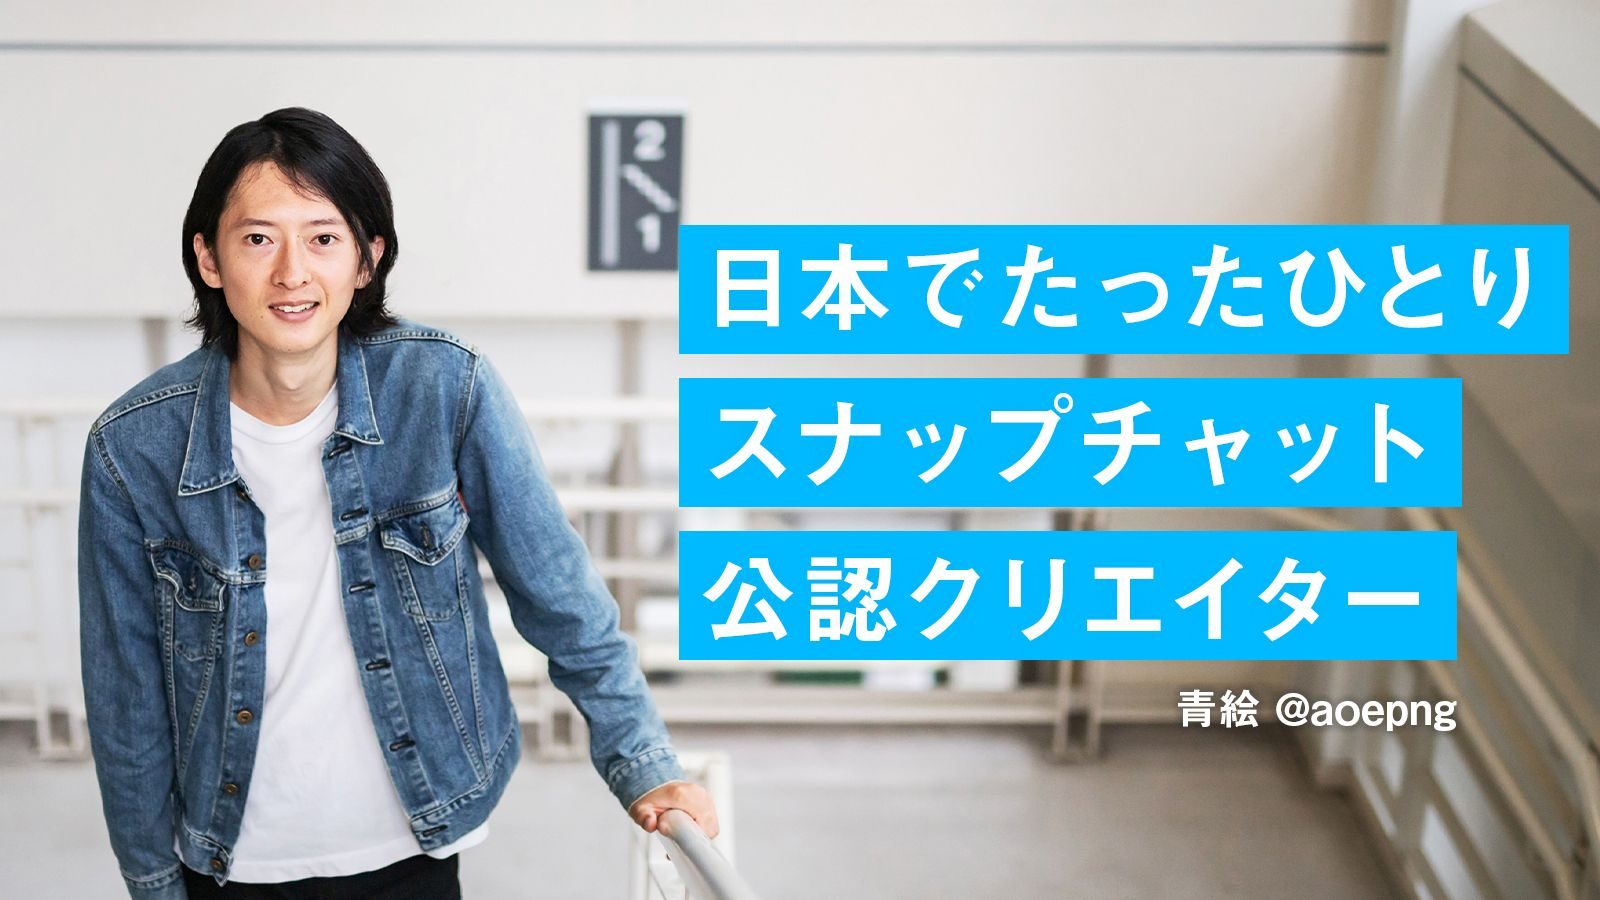 日本で唯一!スナチャ公認ARクリエイター「青絵」の正体